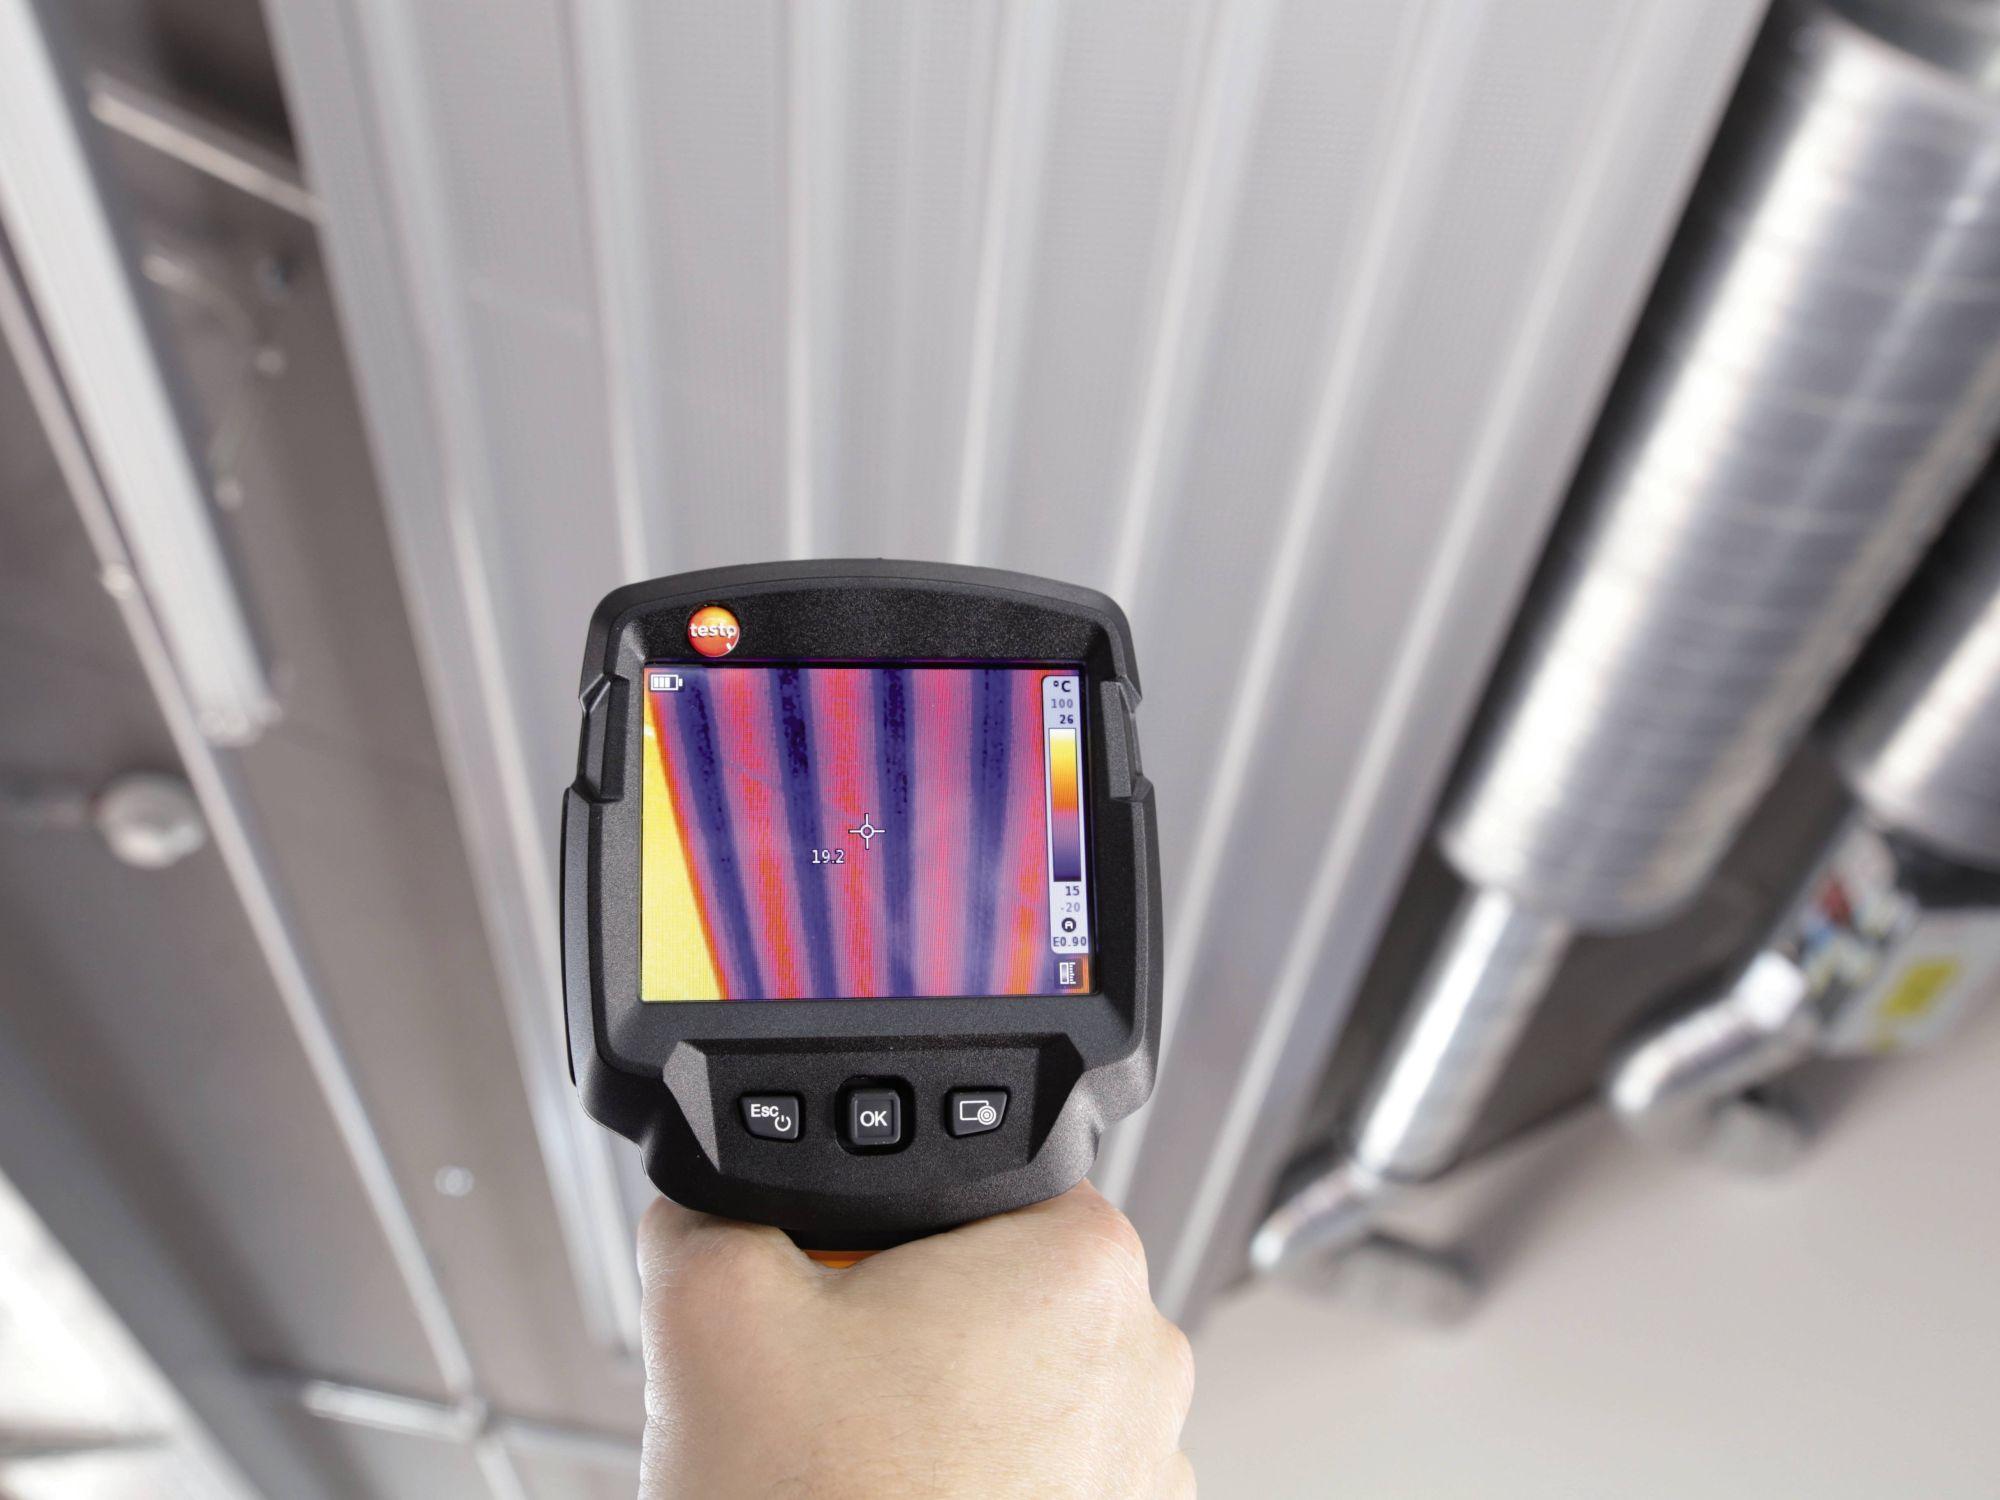 Kühldeckenprüfung mit Hilfe von Testo Wärmebildkameras